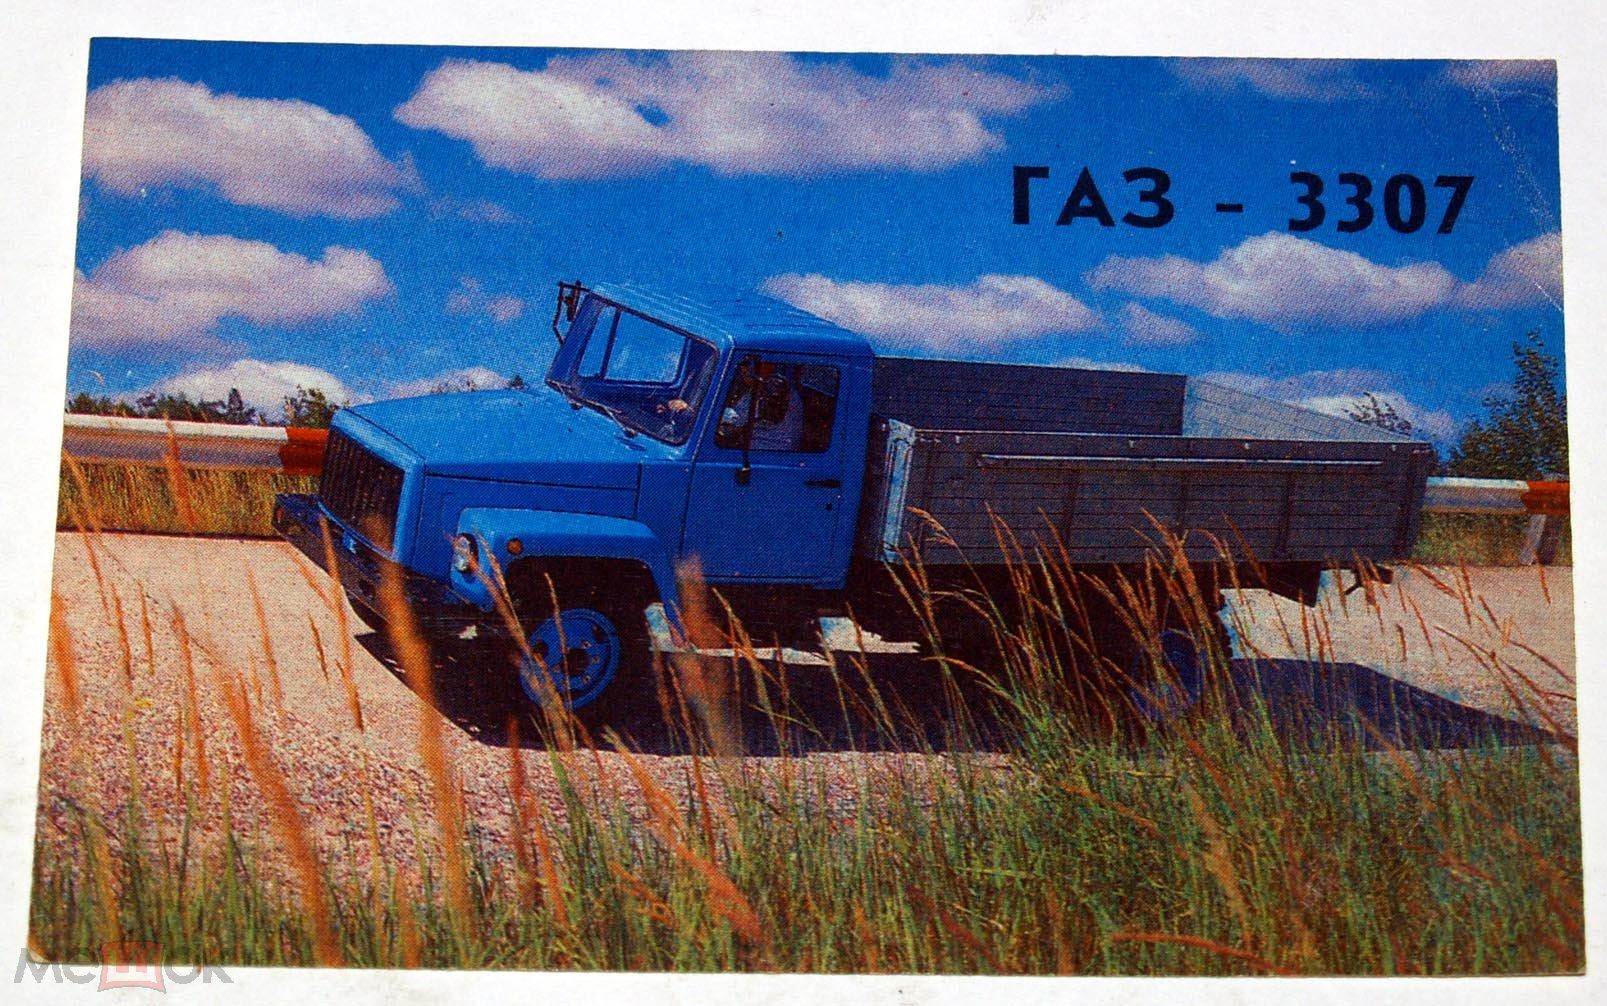 1992 Календарик СССР -=АВТО=- машина ГАЗ-3307 ГАЗ-3309 грузовик транспорт производственный БОЛЬШОЙ